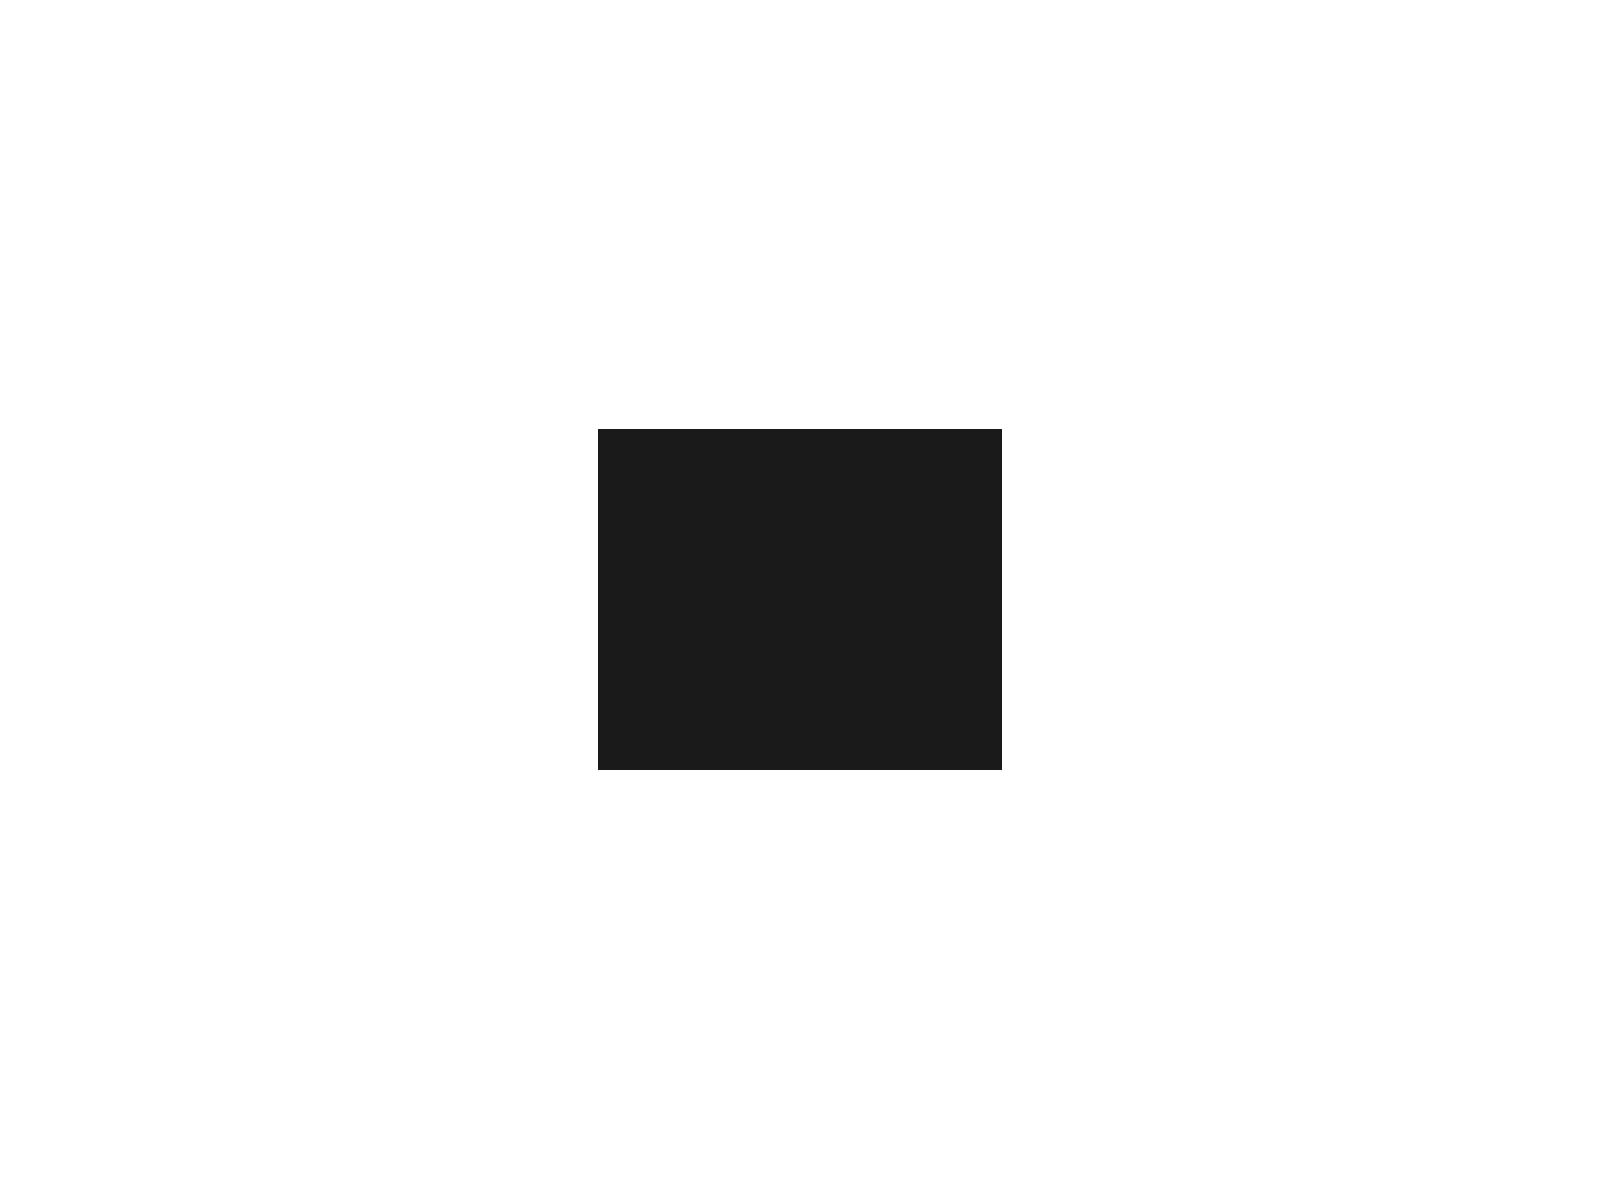 200325_logo_0007_Archers